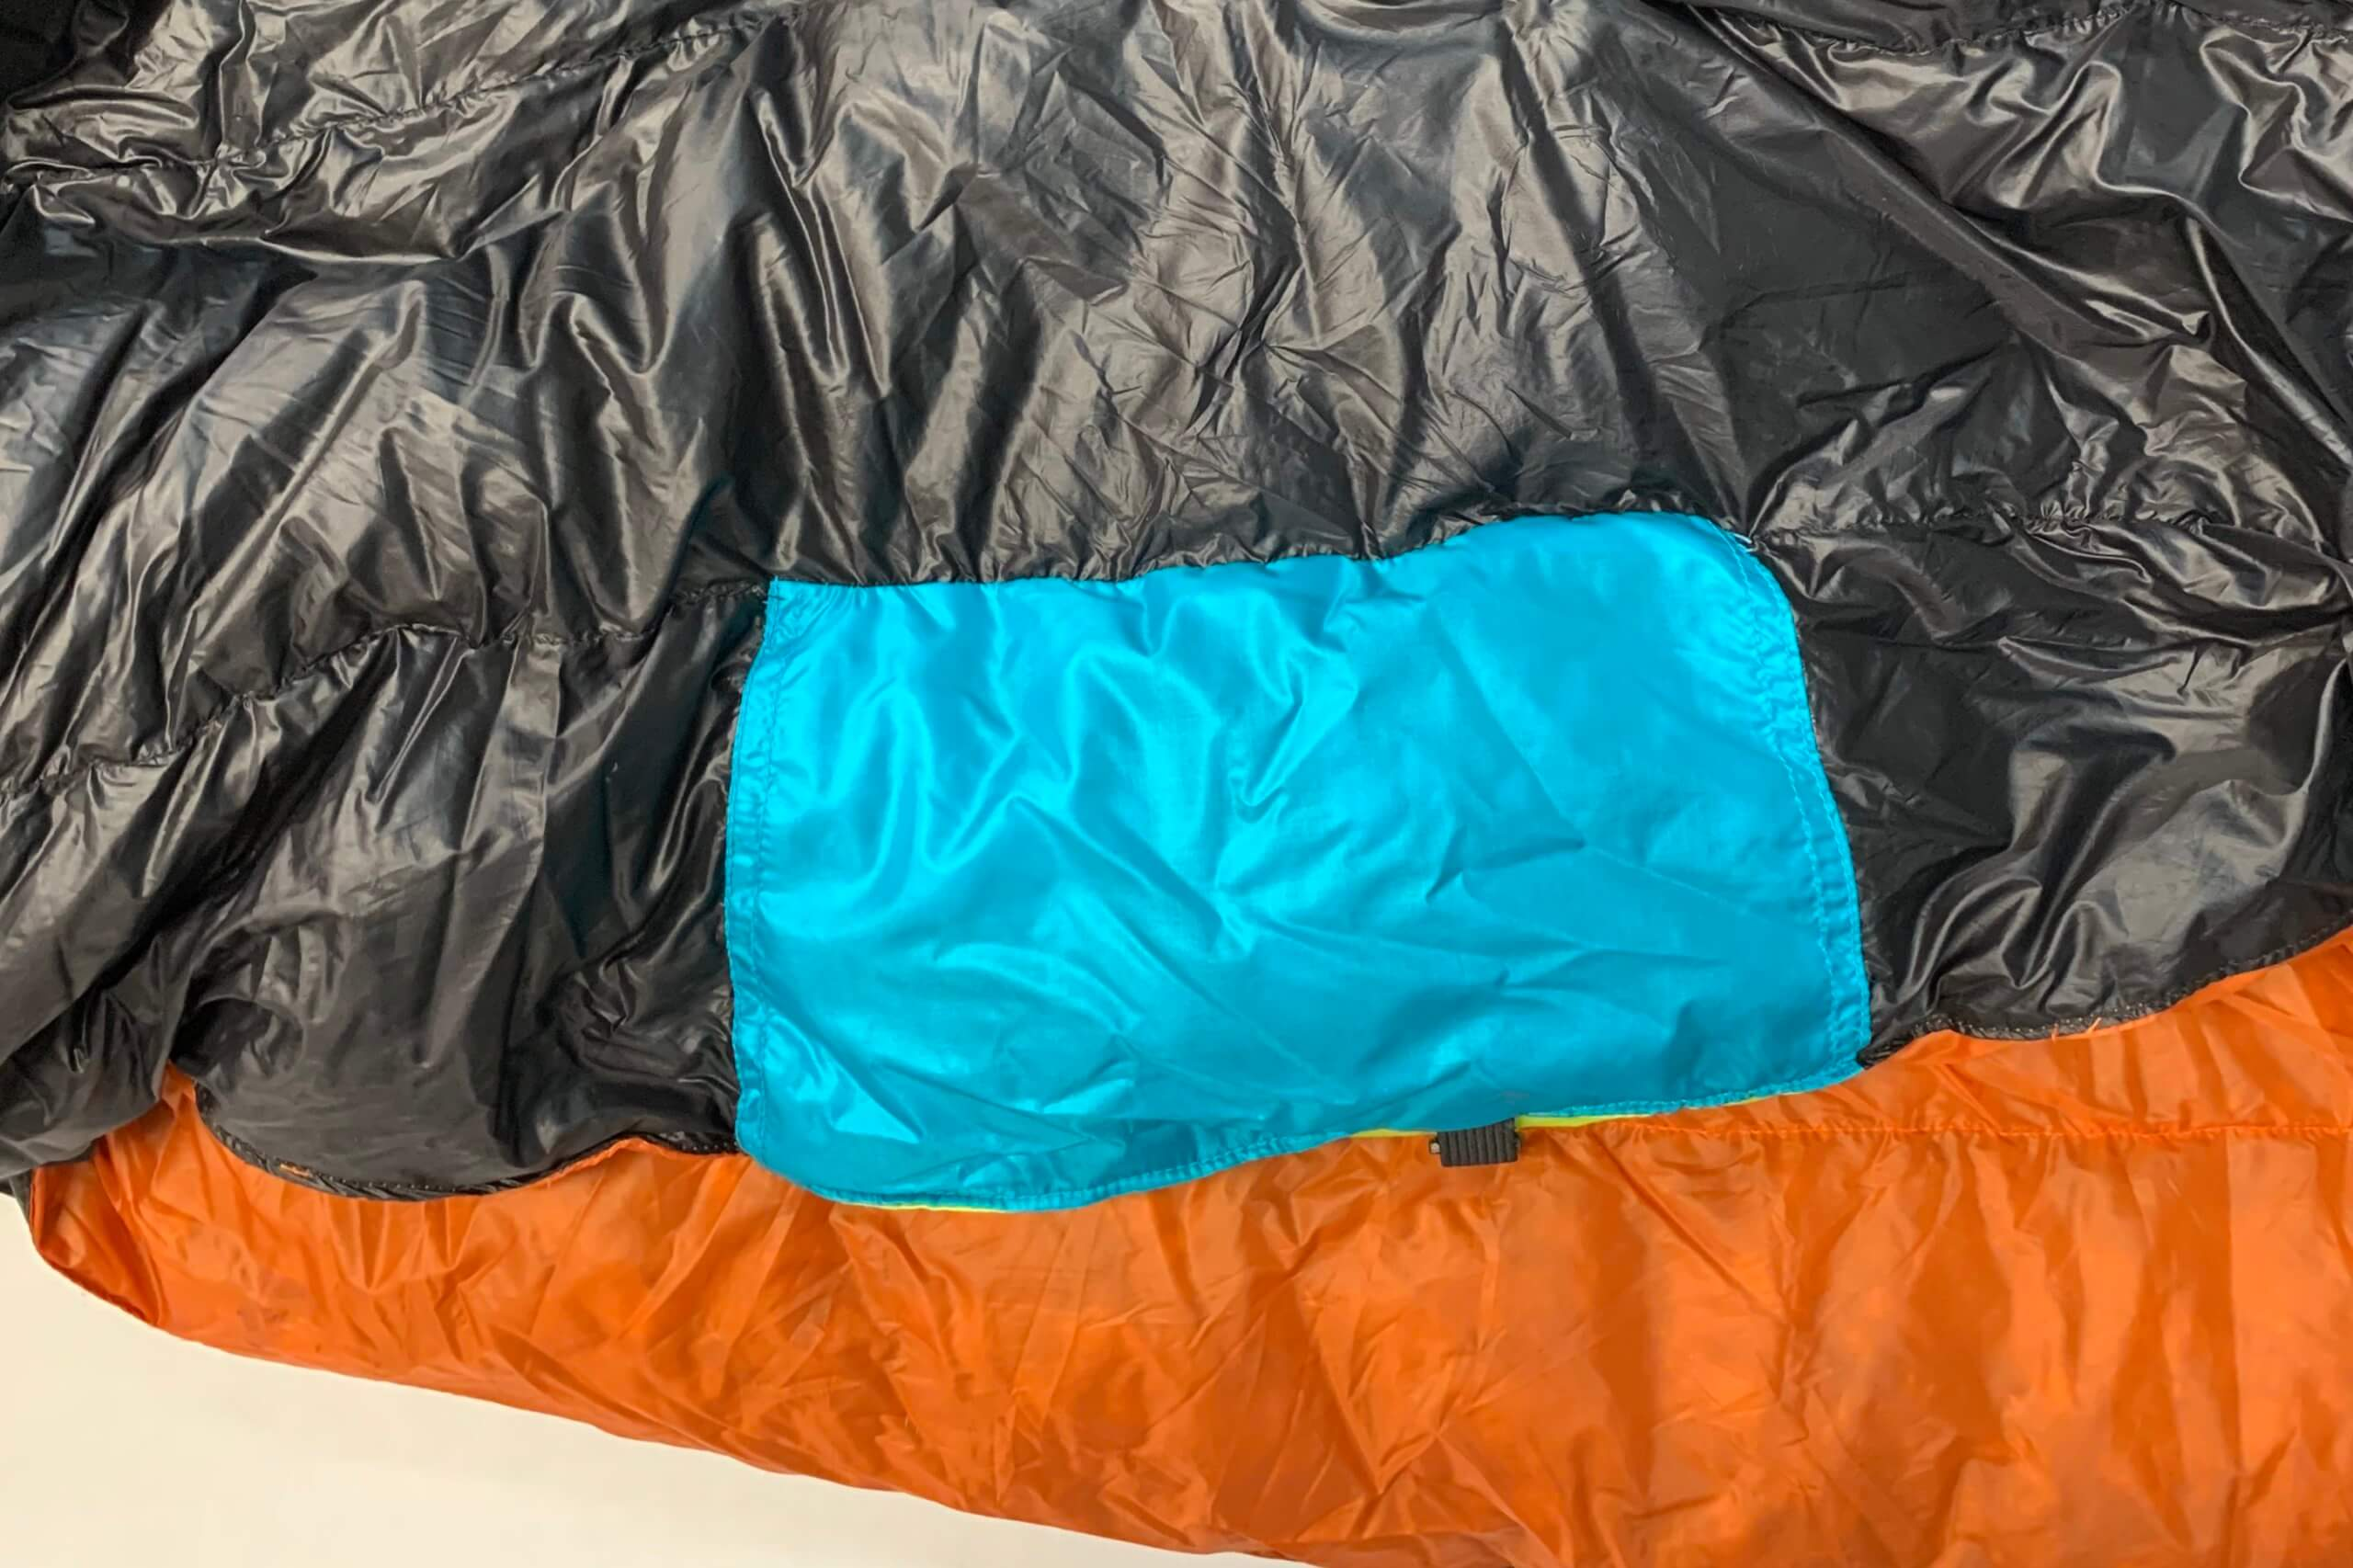 sleeping bag patching